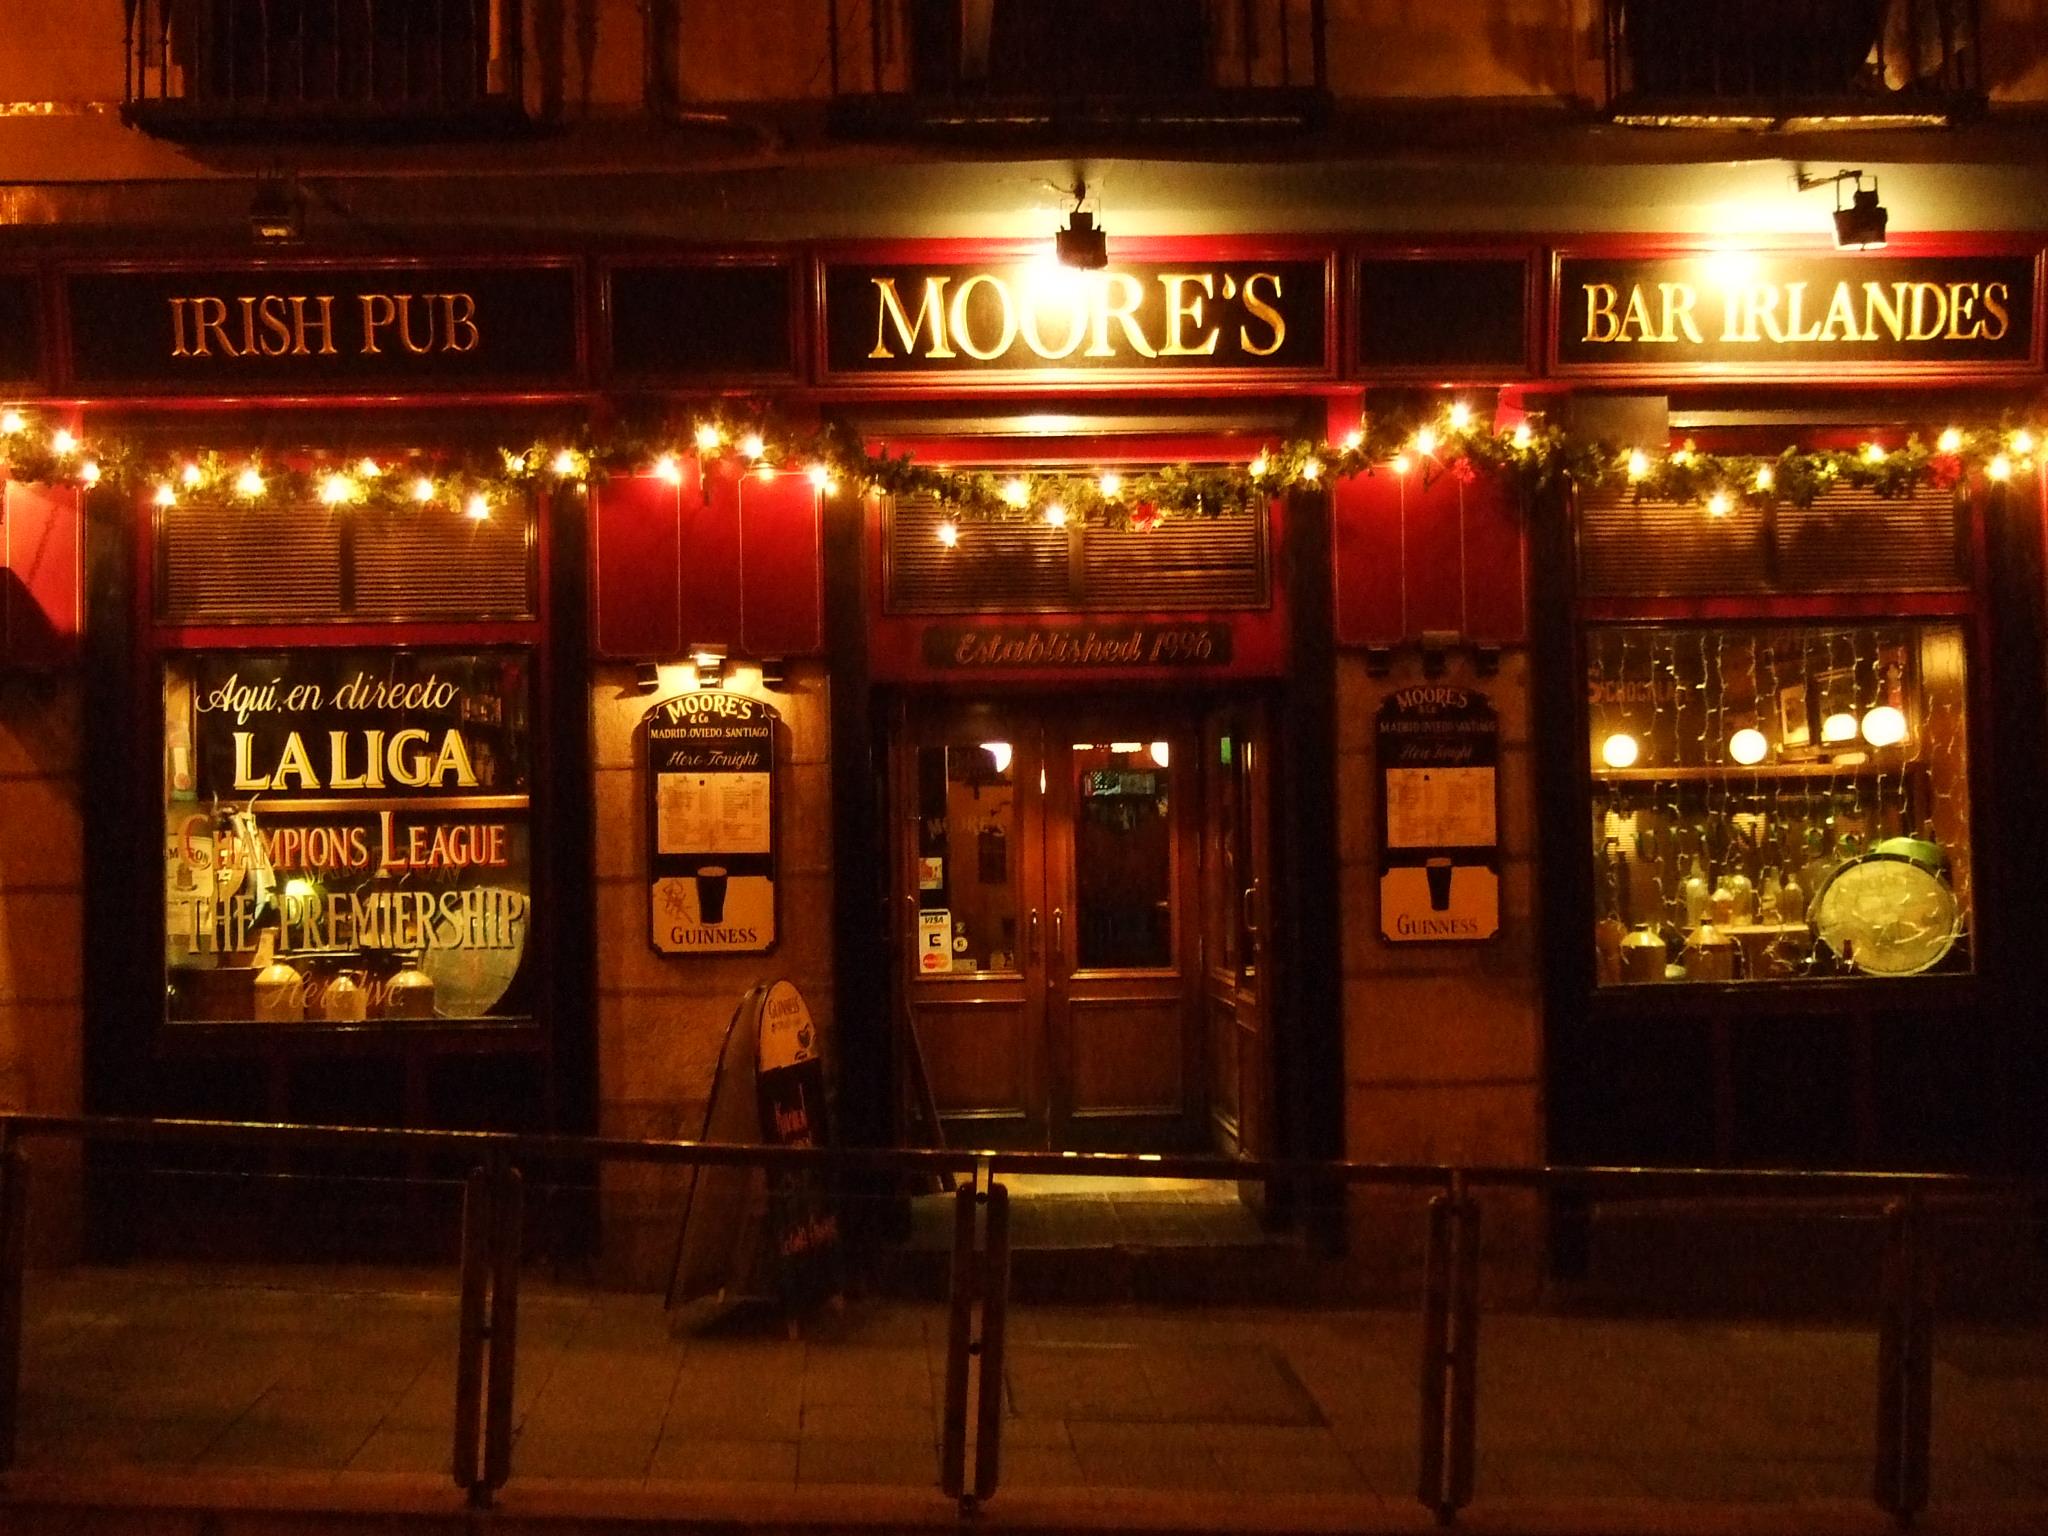 Pub irland s el alba siempre es difusa p gina 8 - Decoracion de pub ...